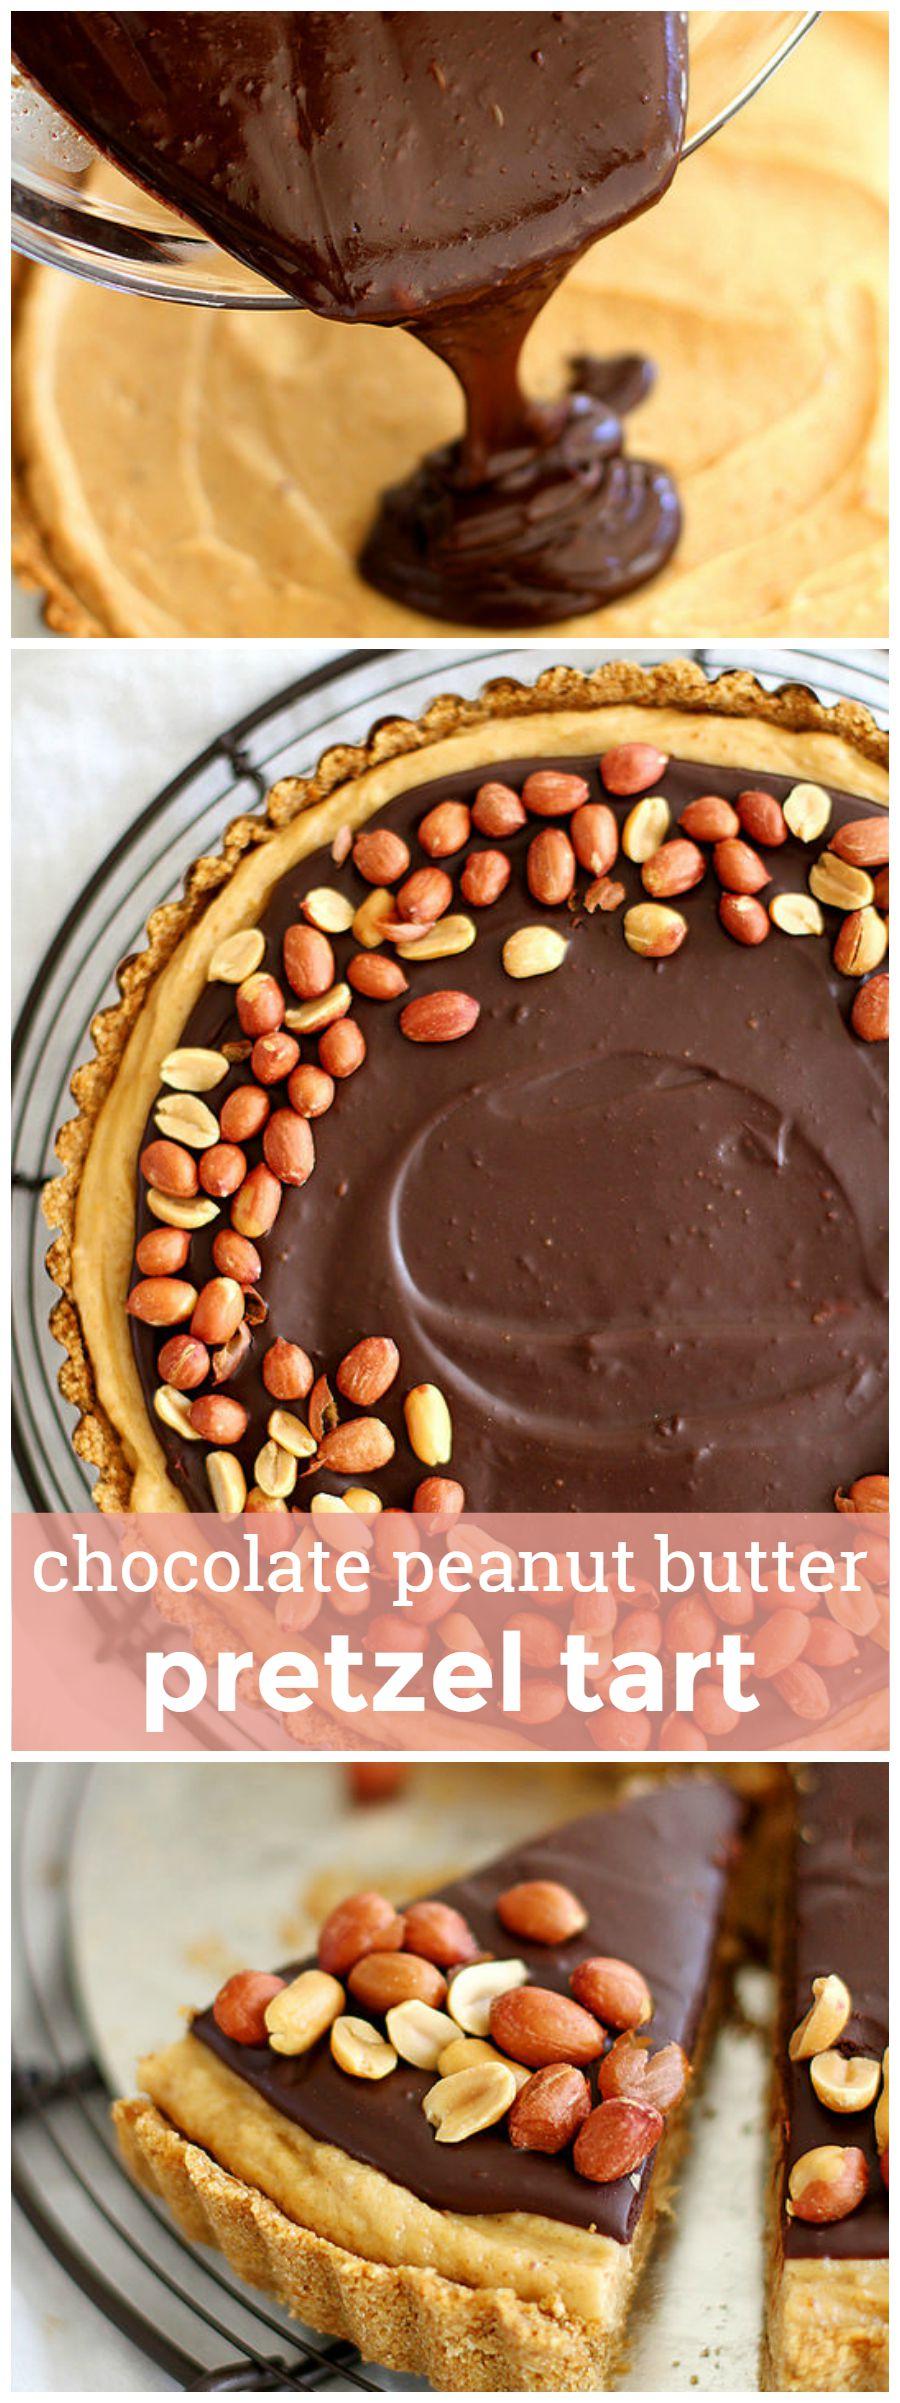 Chocolate Peanut Butter Pretzel Tart -- A giant, no-bake peanut butter ...